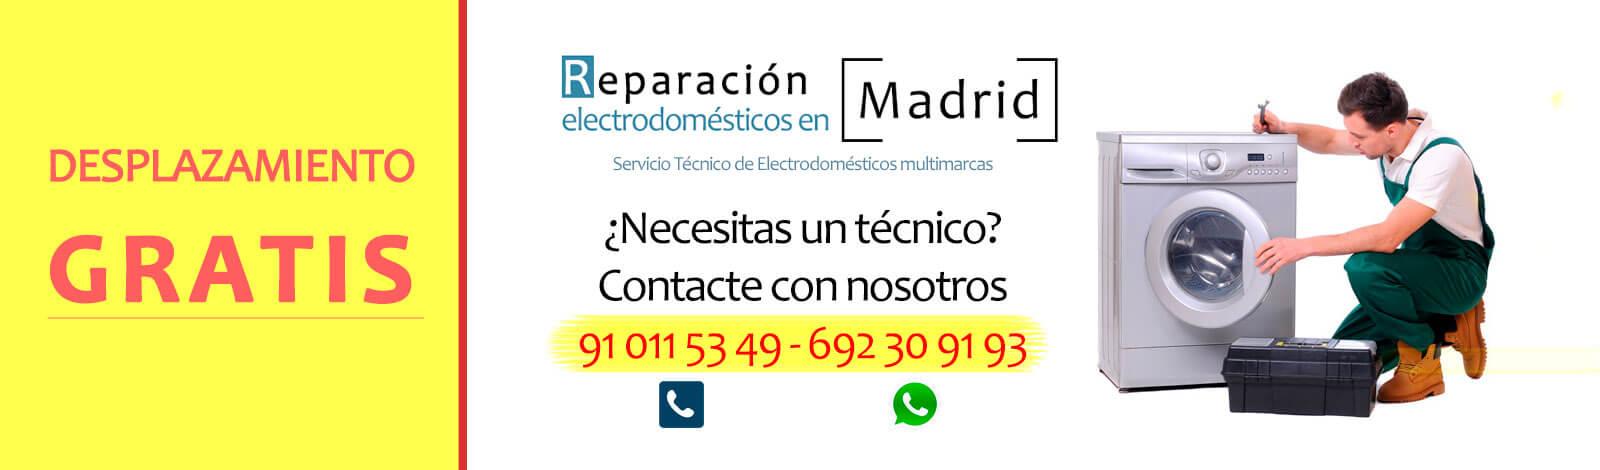 Reparaci n de lavadoras multimarca tel lfono 91 011 53 49 - Electrodomesticos rivas ...